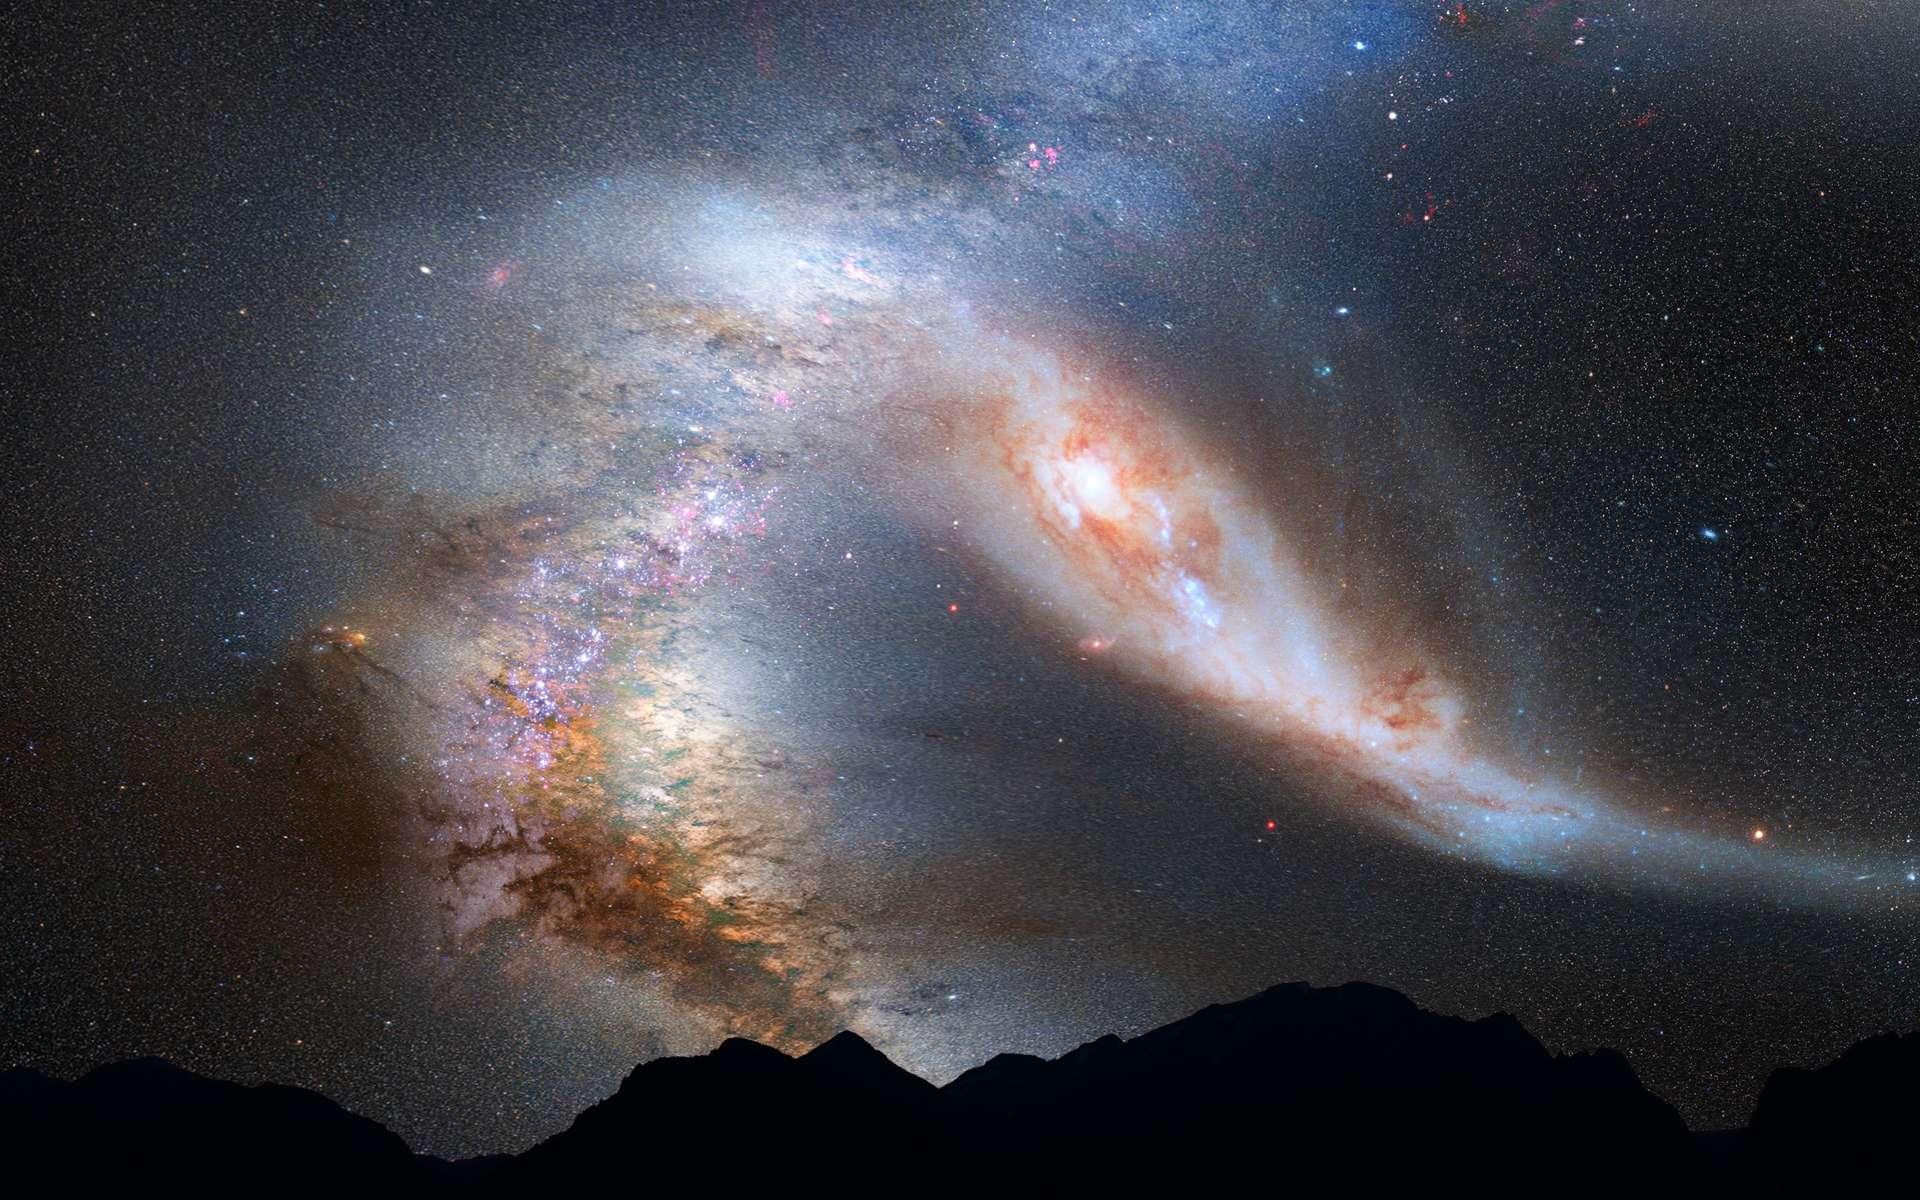 Illustration de la collision entre la Voie lactée et sa grande rivale Andromède, vue de la Terre (ce qu'il en restera) dans 4 milliards d'années. © Nasa